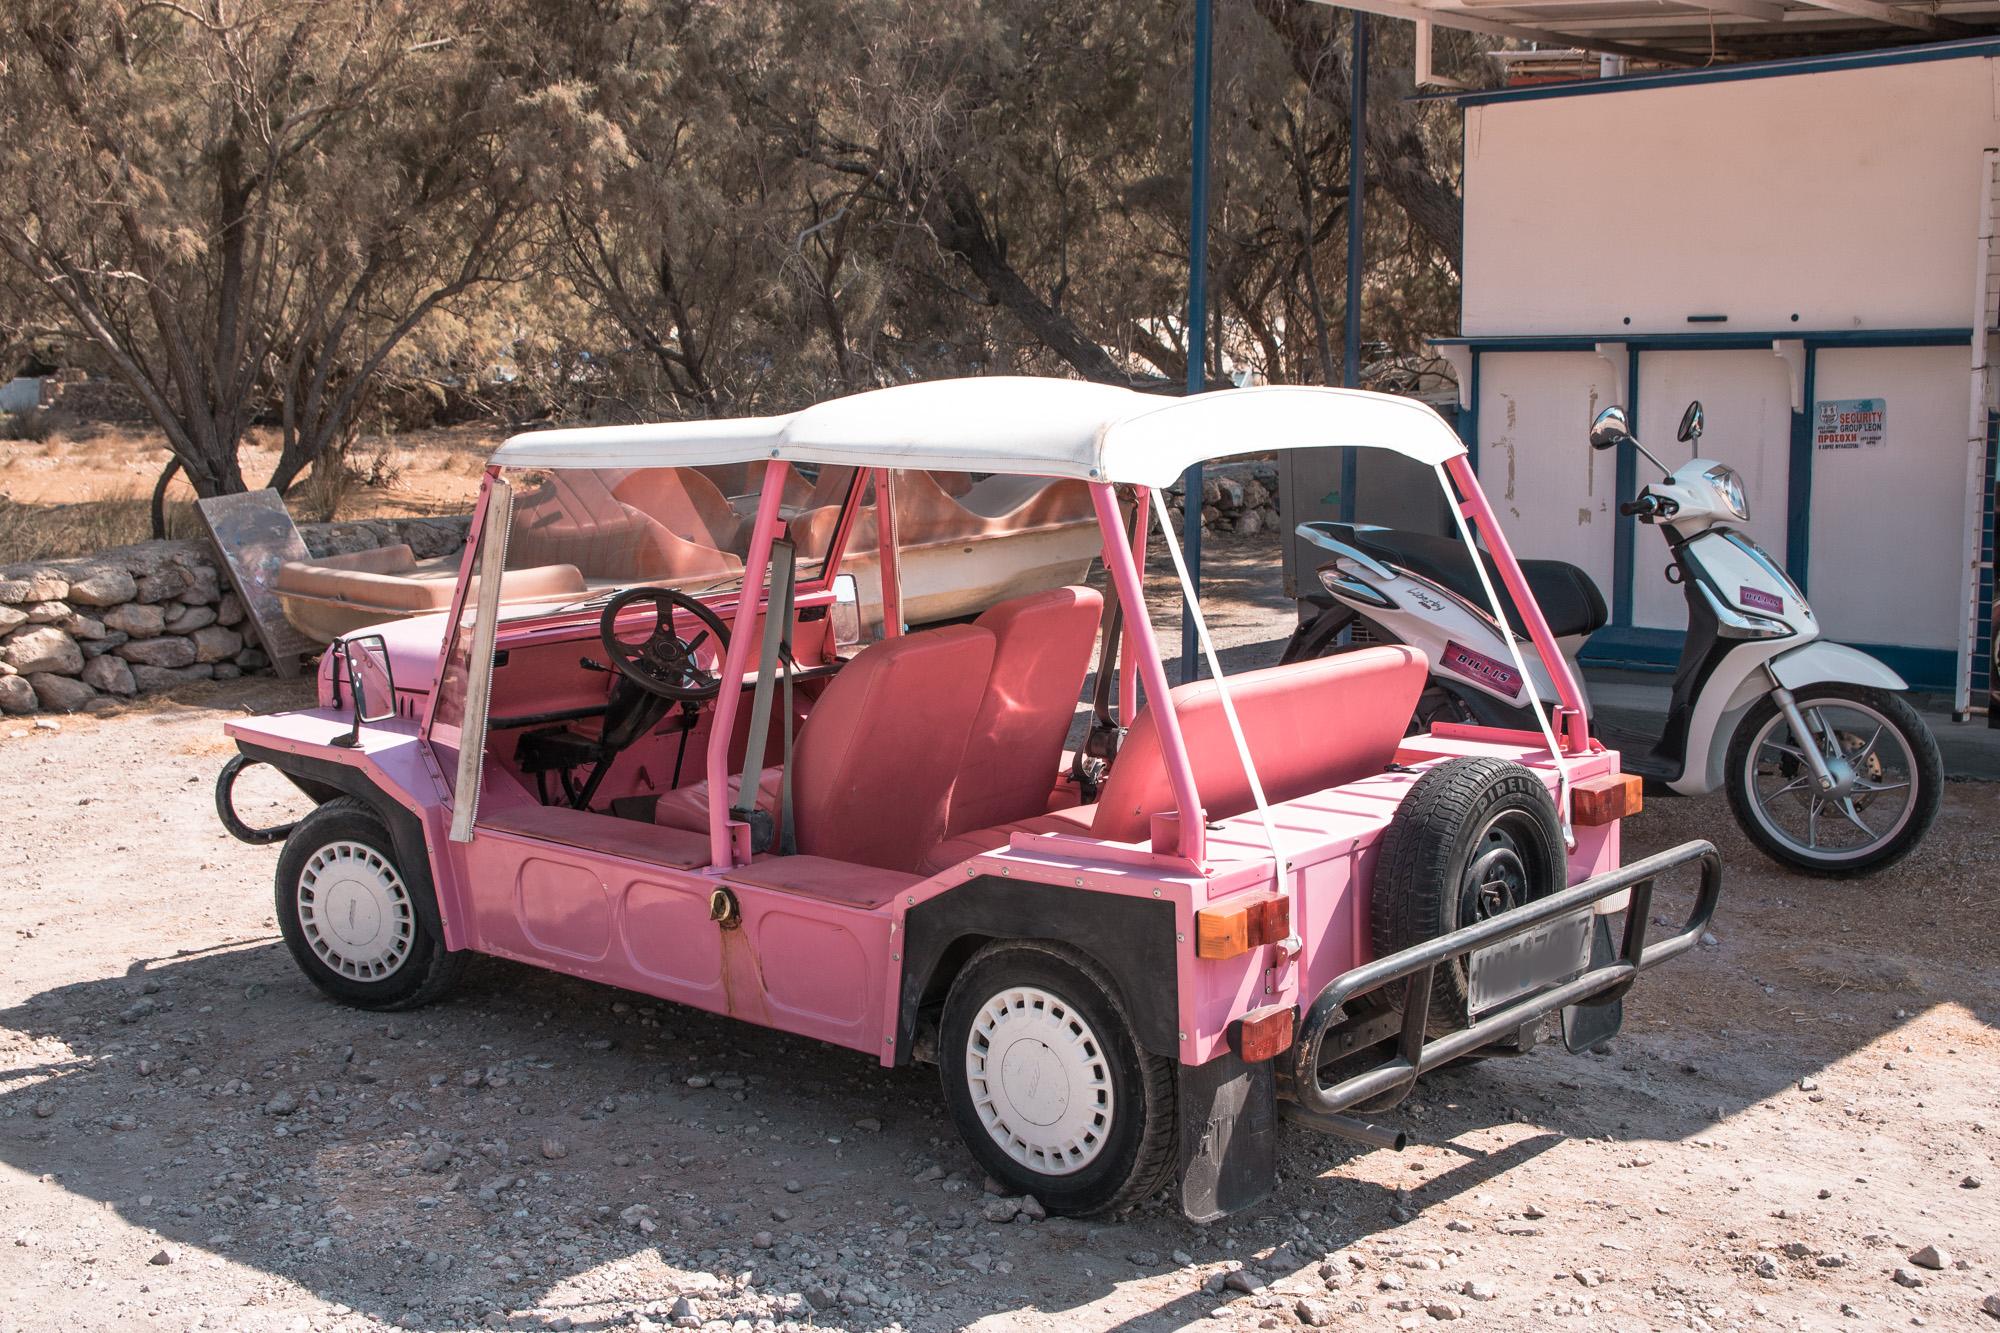 Rosaroter Mini Moke, ein älteres Auto das aussieht wie ein niedriggelegter Jeep, entdeckt beim Inselhüpfen auf Patmos